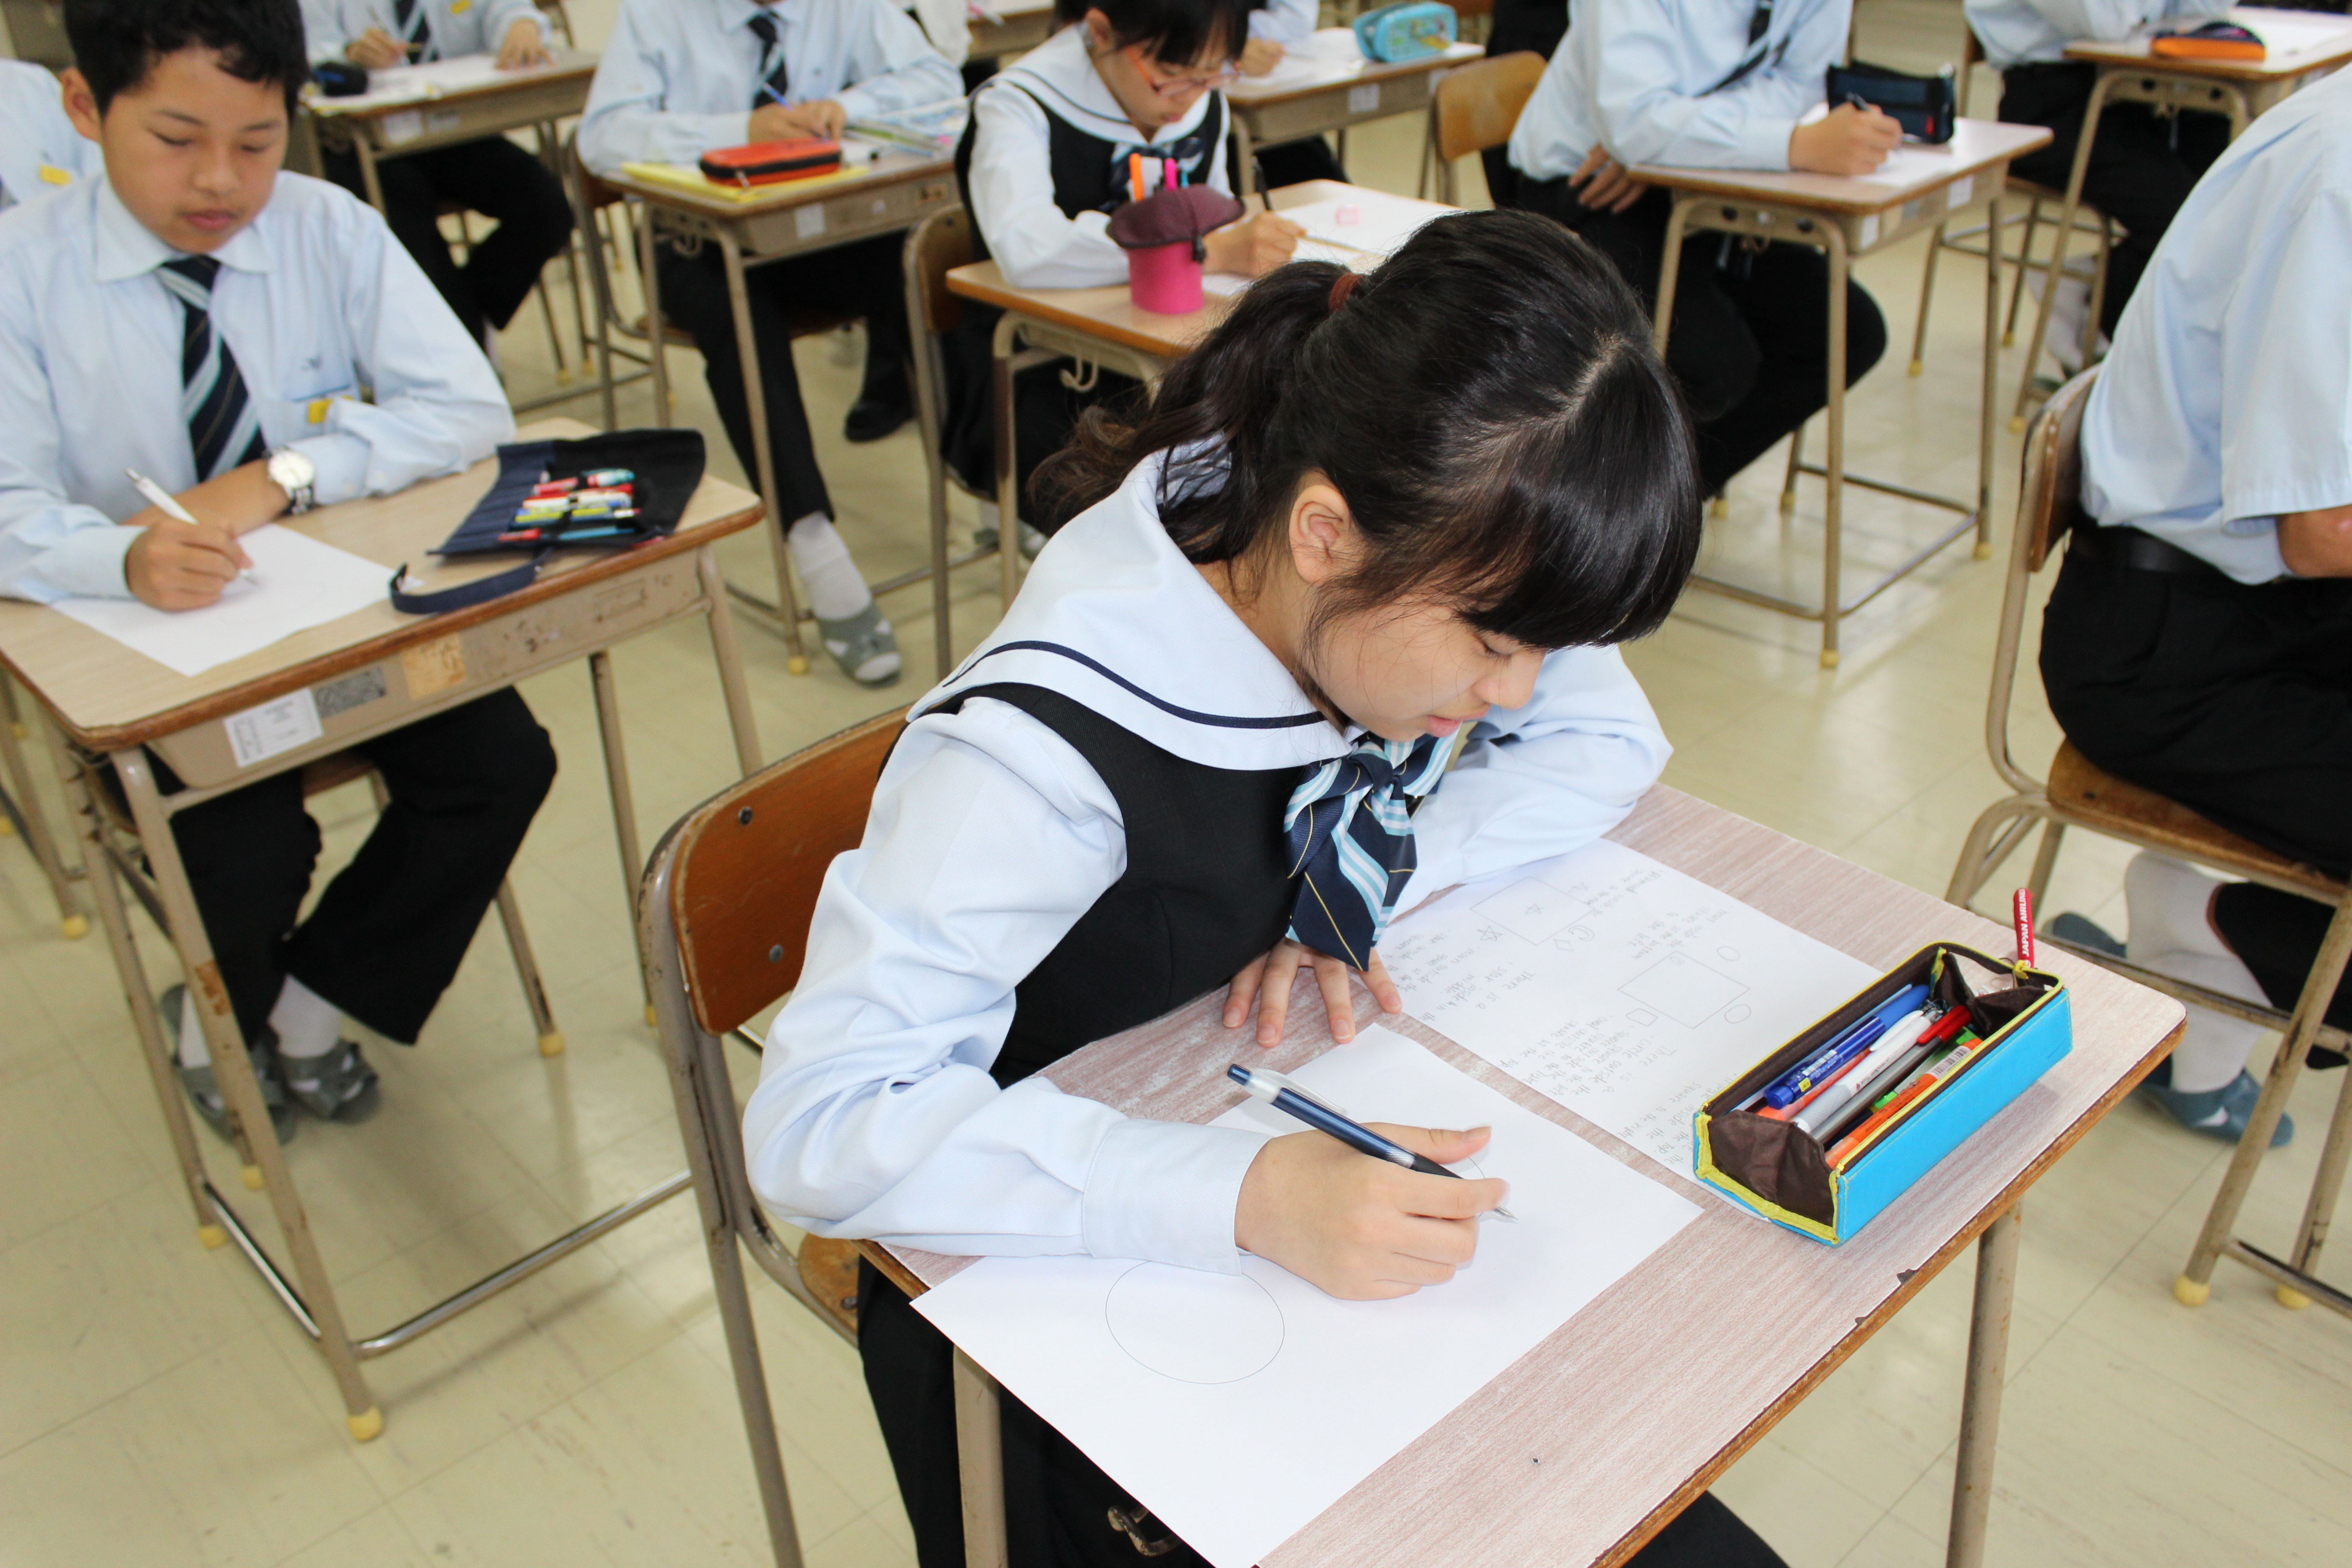 放課後の添削指導